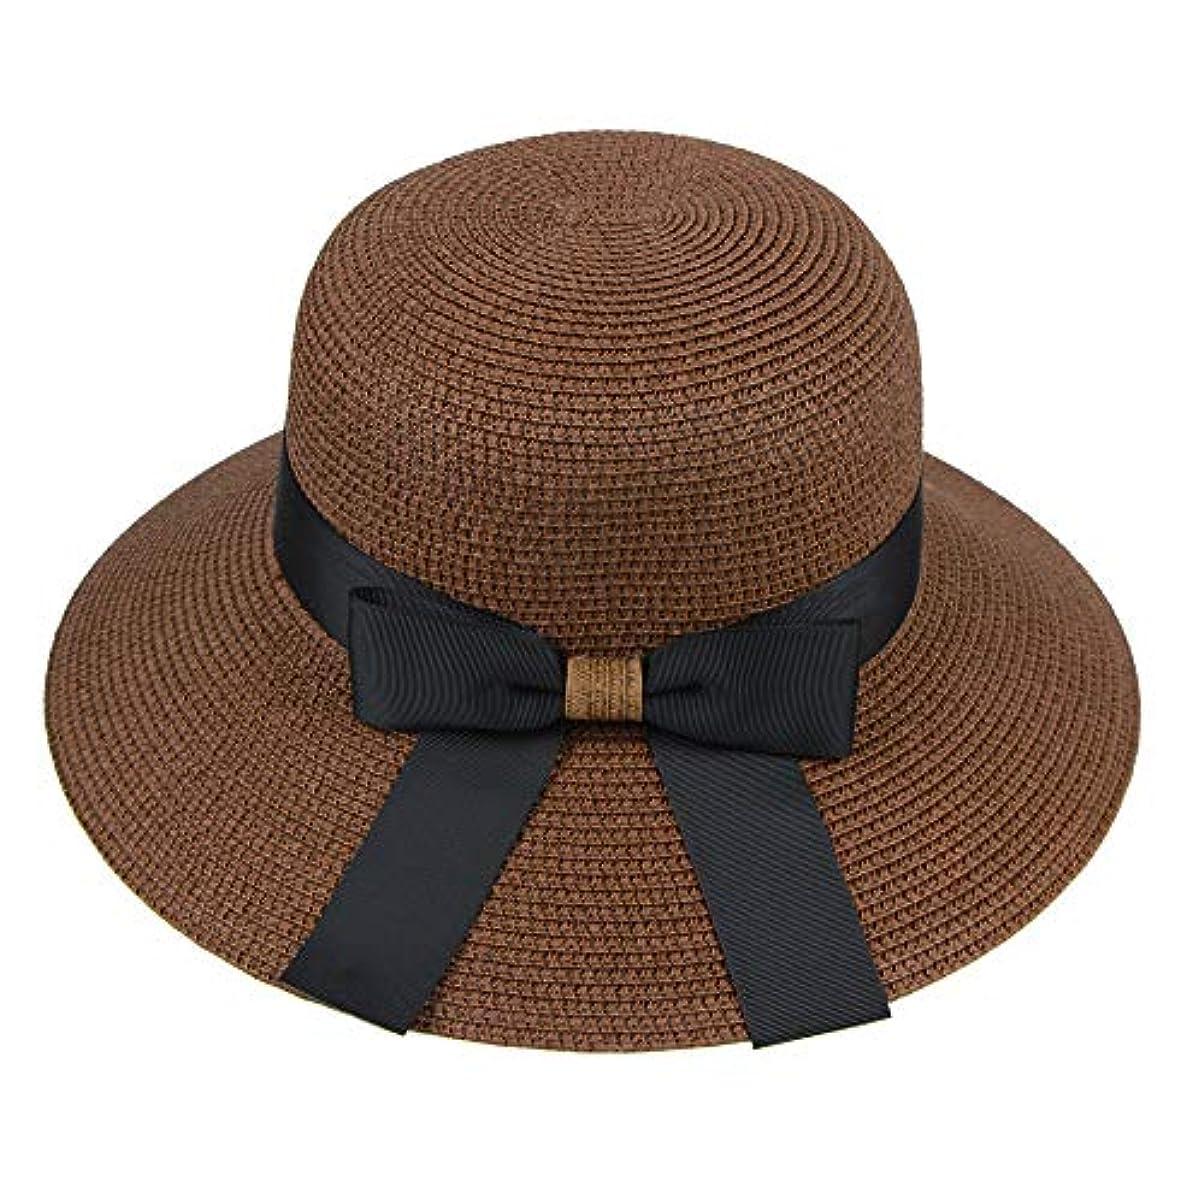 傑出した円周降下漁師帽 帽子 レディース UVカット 帽子 夏季 海 旅行 UV帽子 日焼け防止 つば広 取り外すあご紐 おしゃれ 可愛い ワイルド カジュアル スタイル ファッション シンプル 夏 ビーチ 必須 小顔効果 ROSE ROMAN